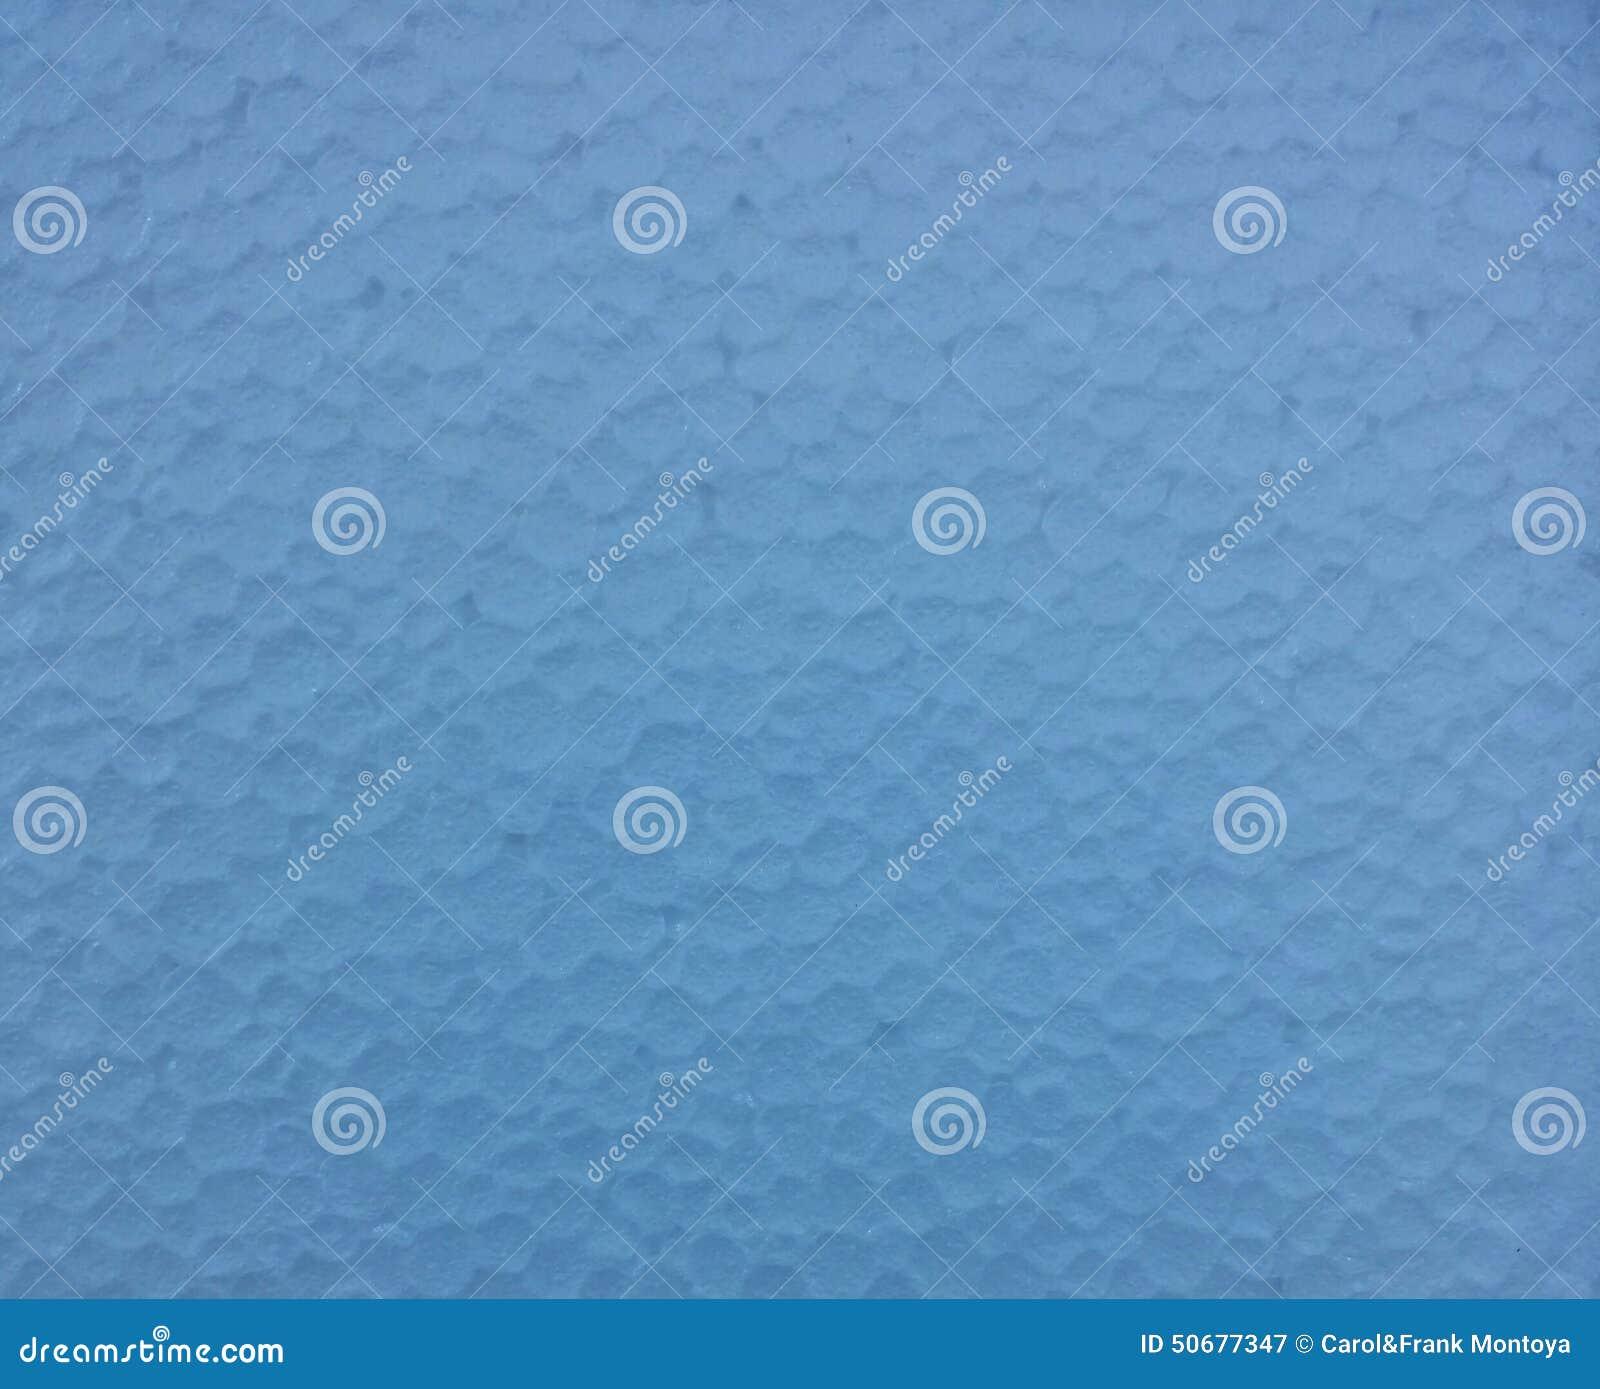 Download 蓝色聚苯乙烯泡沫塑料背景 库存图片. 图片 包括有 材料, 聚苯乙烯泡沫塑料, 纹理, 泡沫, 起泡的, 设计 - 50677347